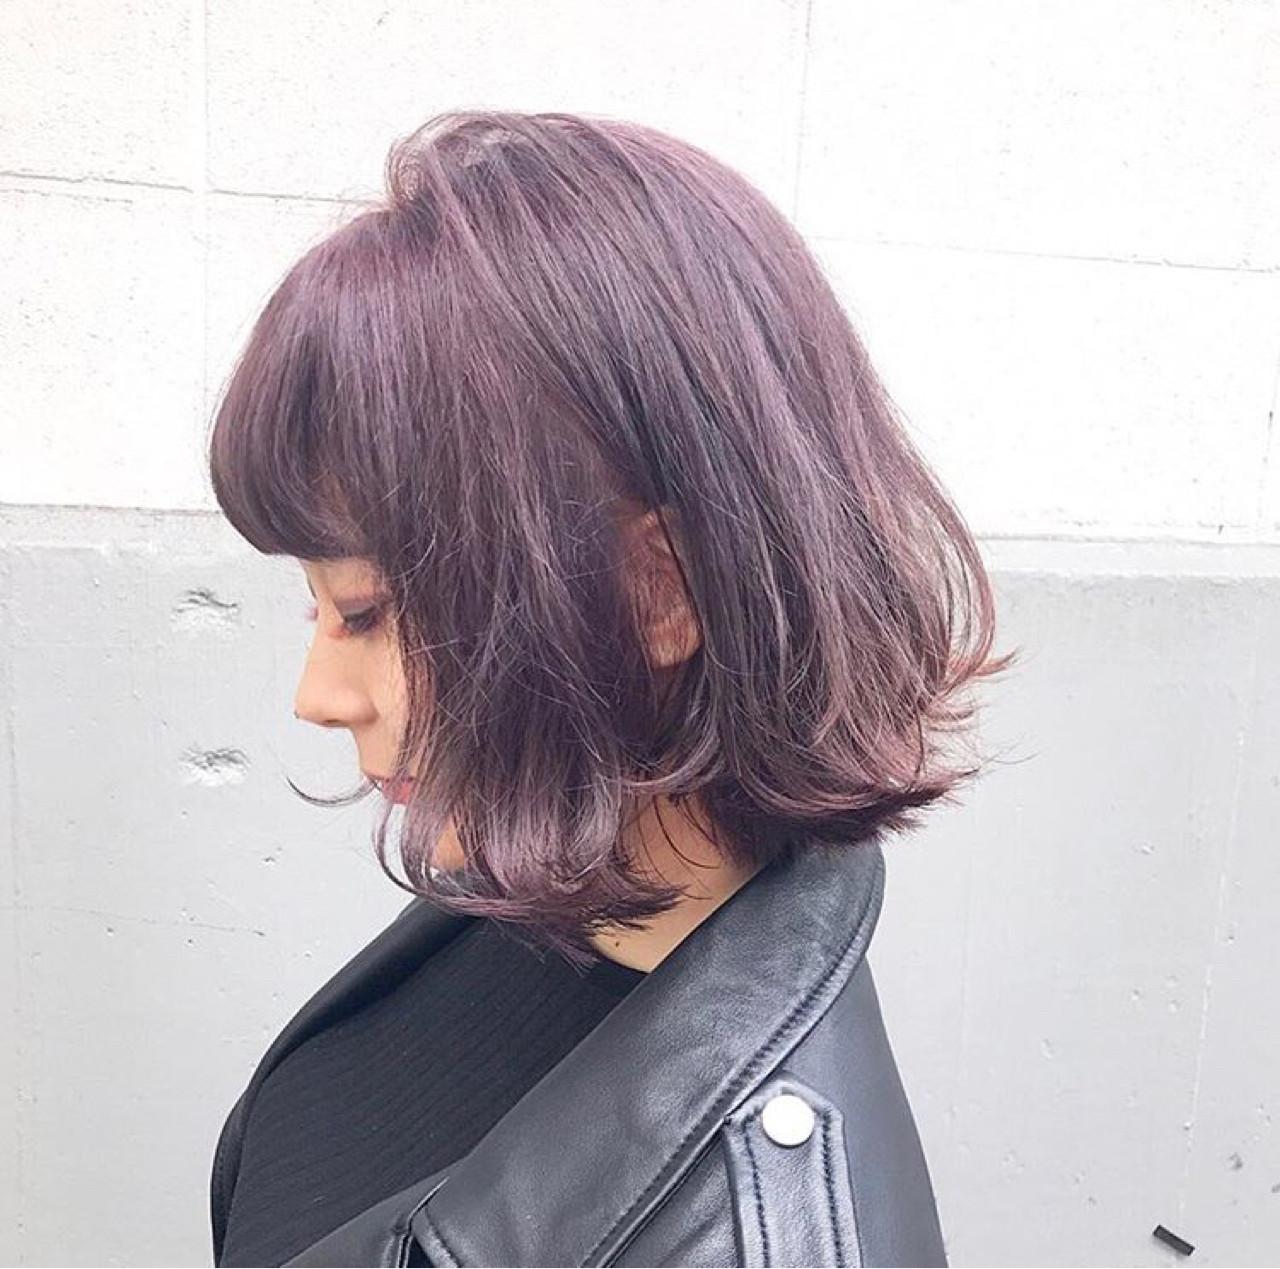 モード アンニュイ 秋 ハイライト ヘアスタイルや髪型の写真・画像